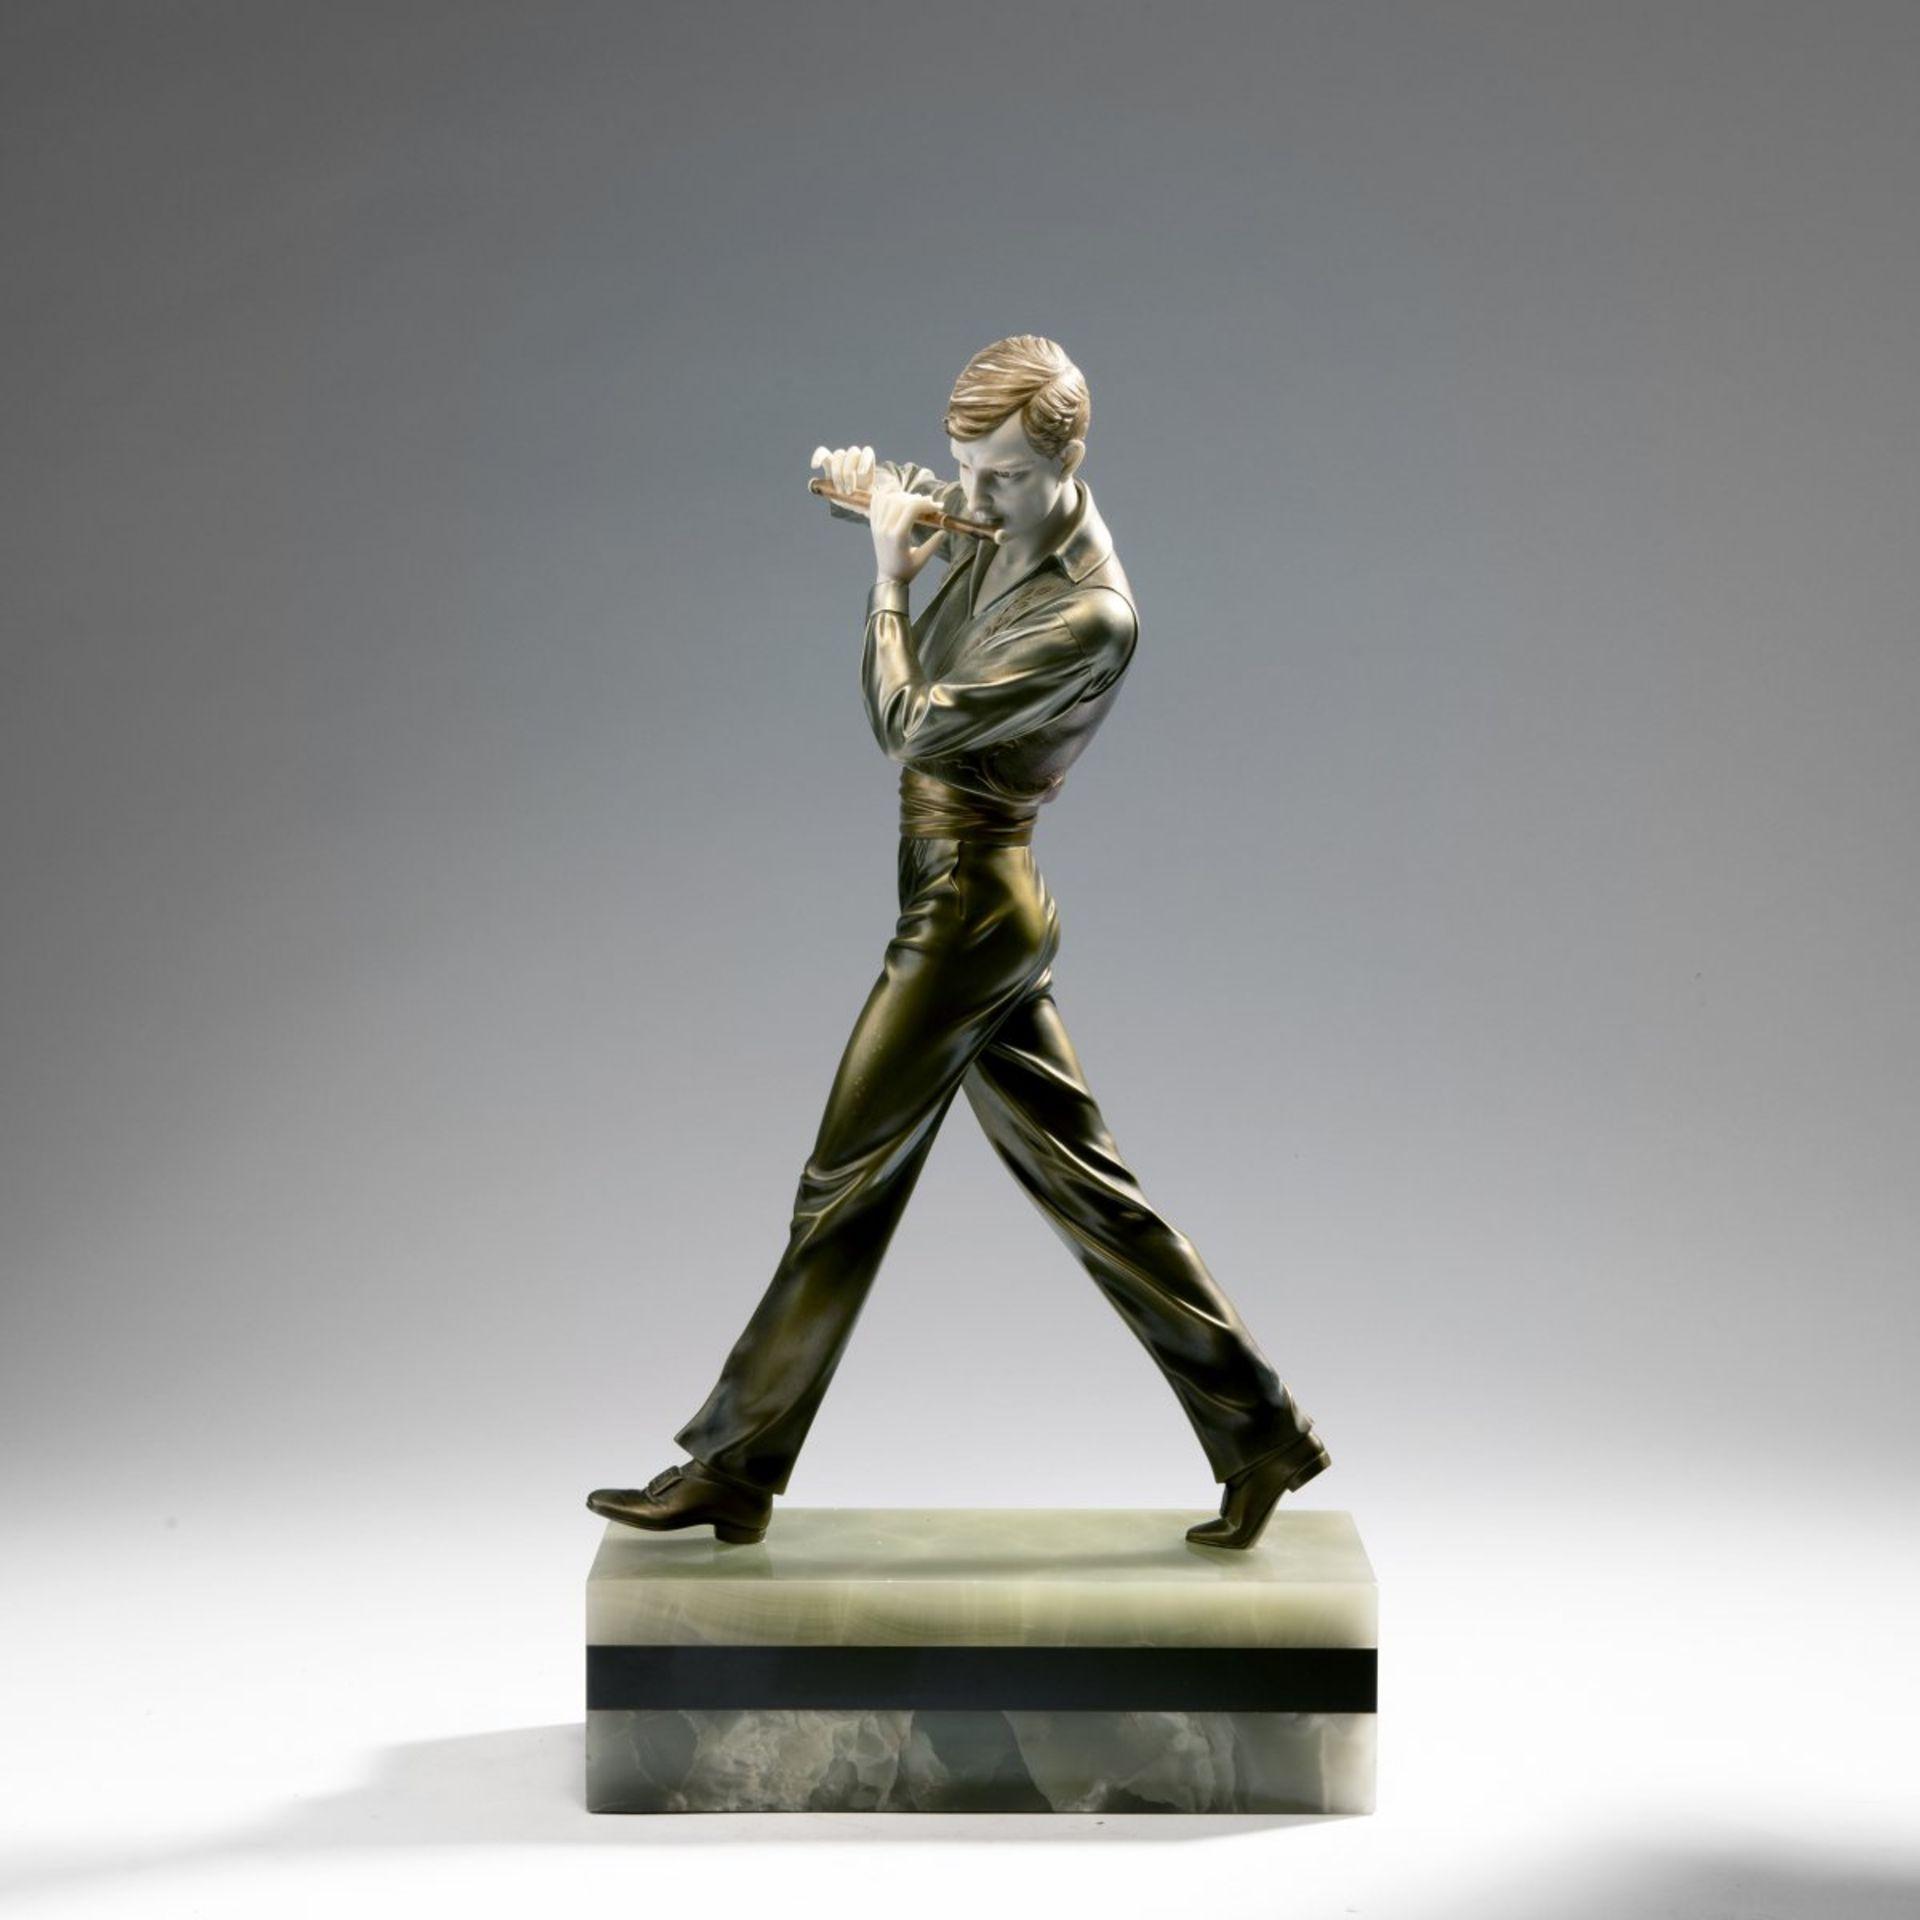 Ferdinand Preiss, 'Flötenspieler', um 1930 - Bild 8 aus 15